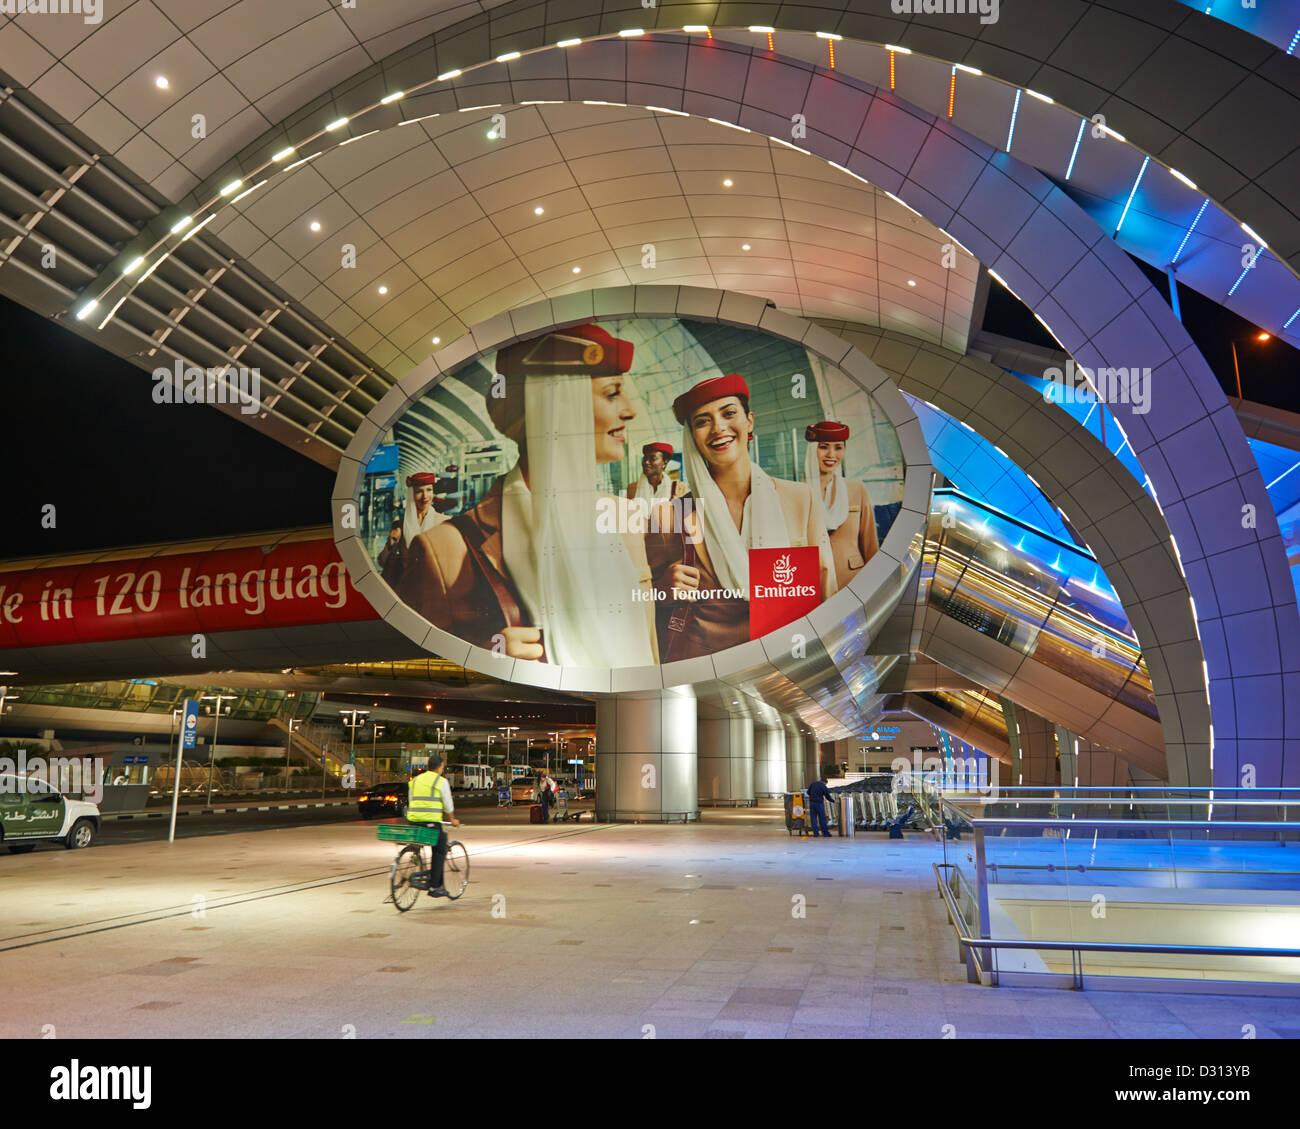 La data di arrivo e di partenza il terminale dell'Aeroporto Internazionale di Dubai Immagini Stock